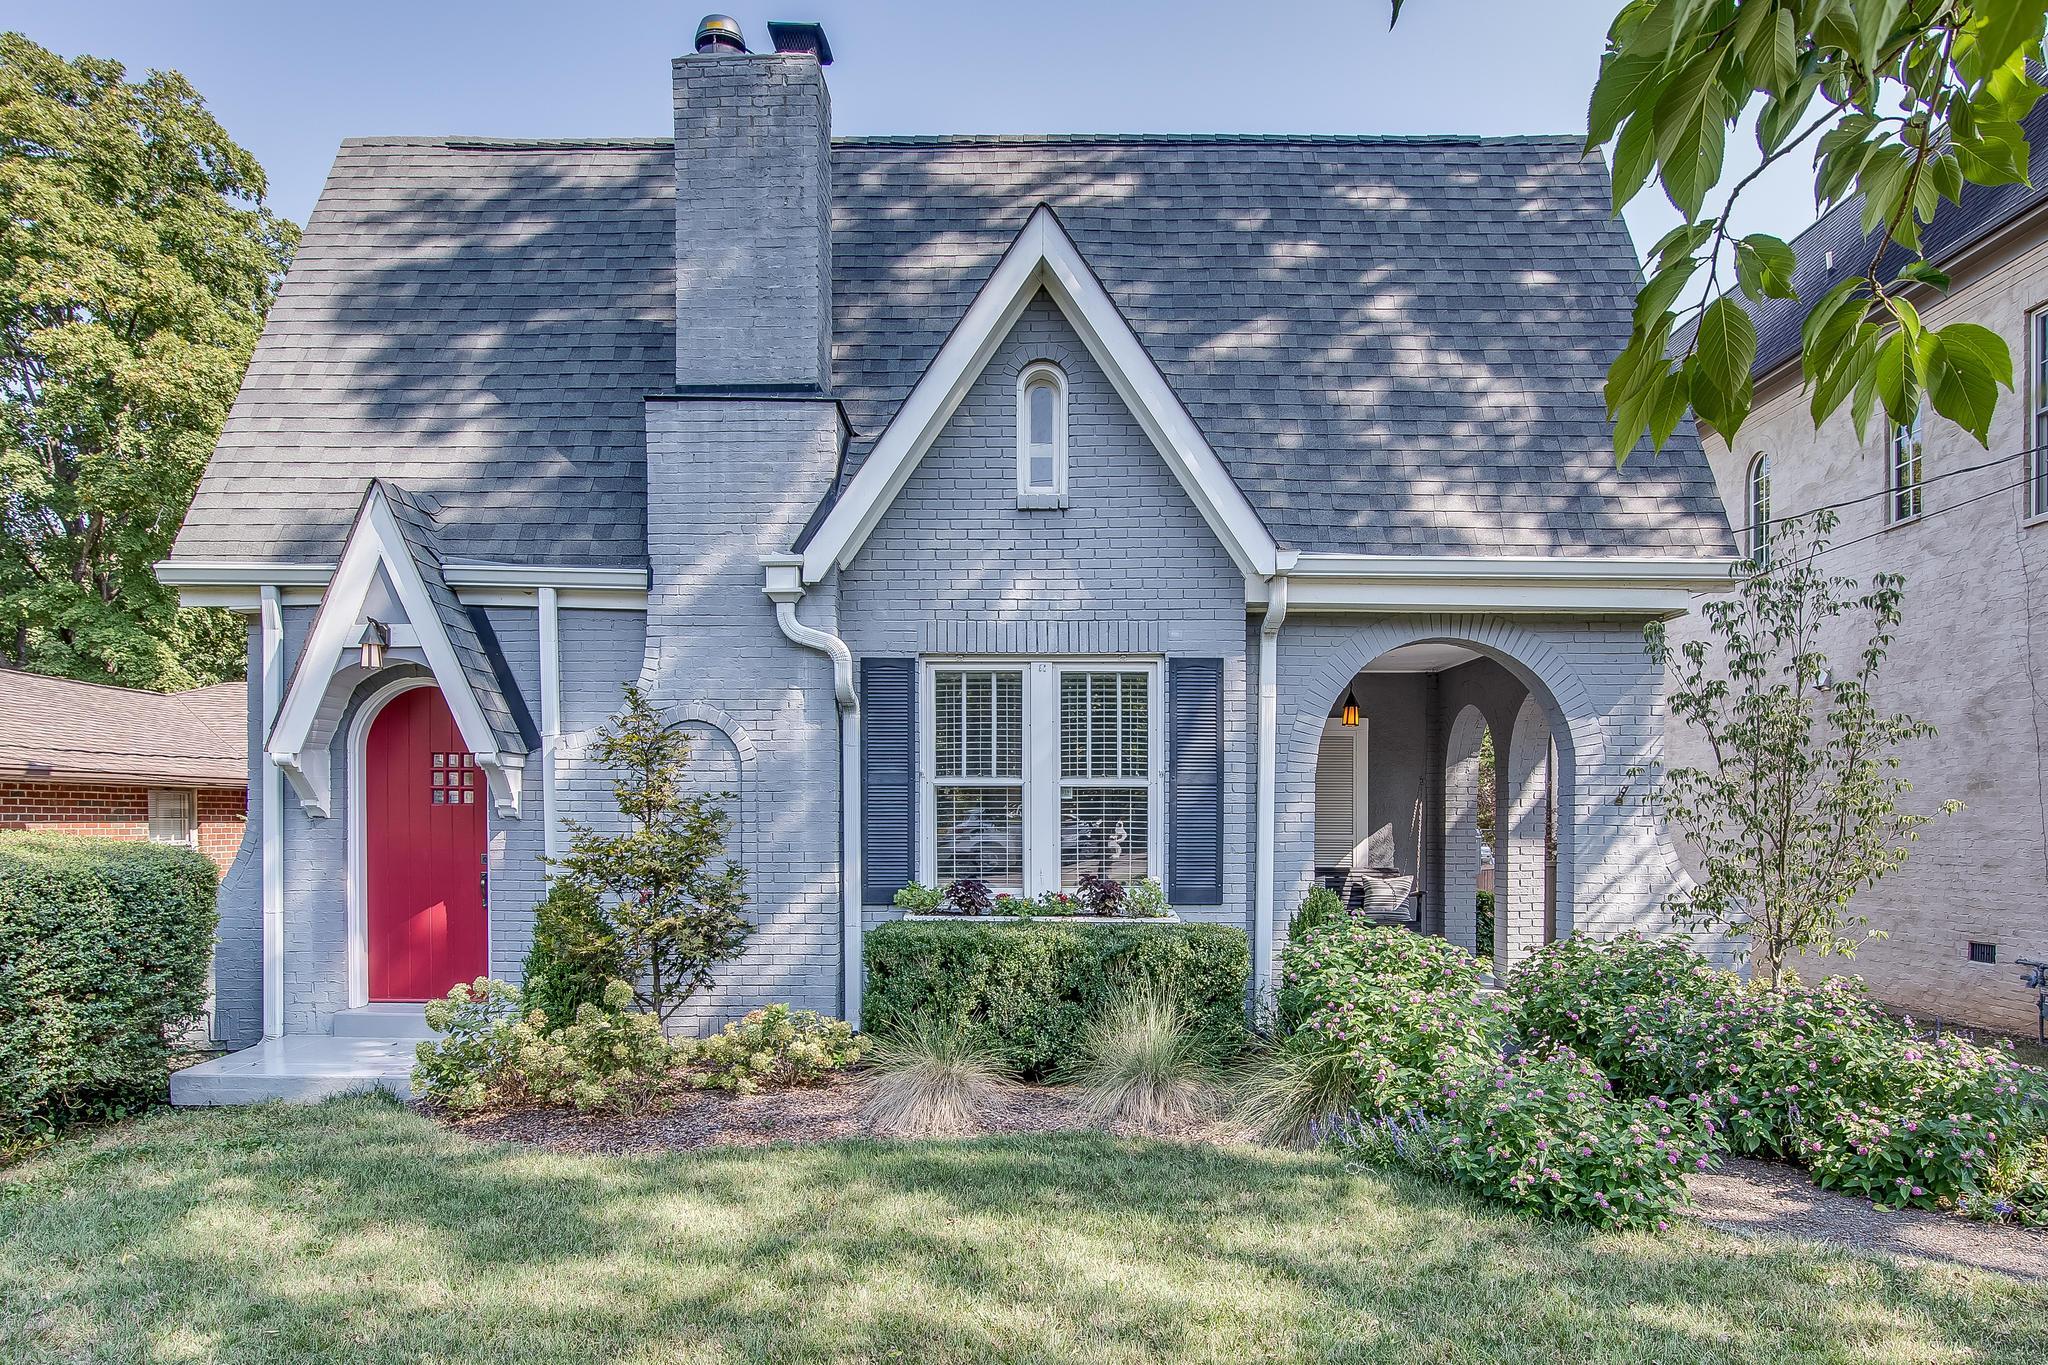 2508 Westwood Ave, Nashville, TN 37212 - Nashville, TN real estate listing